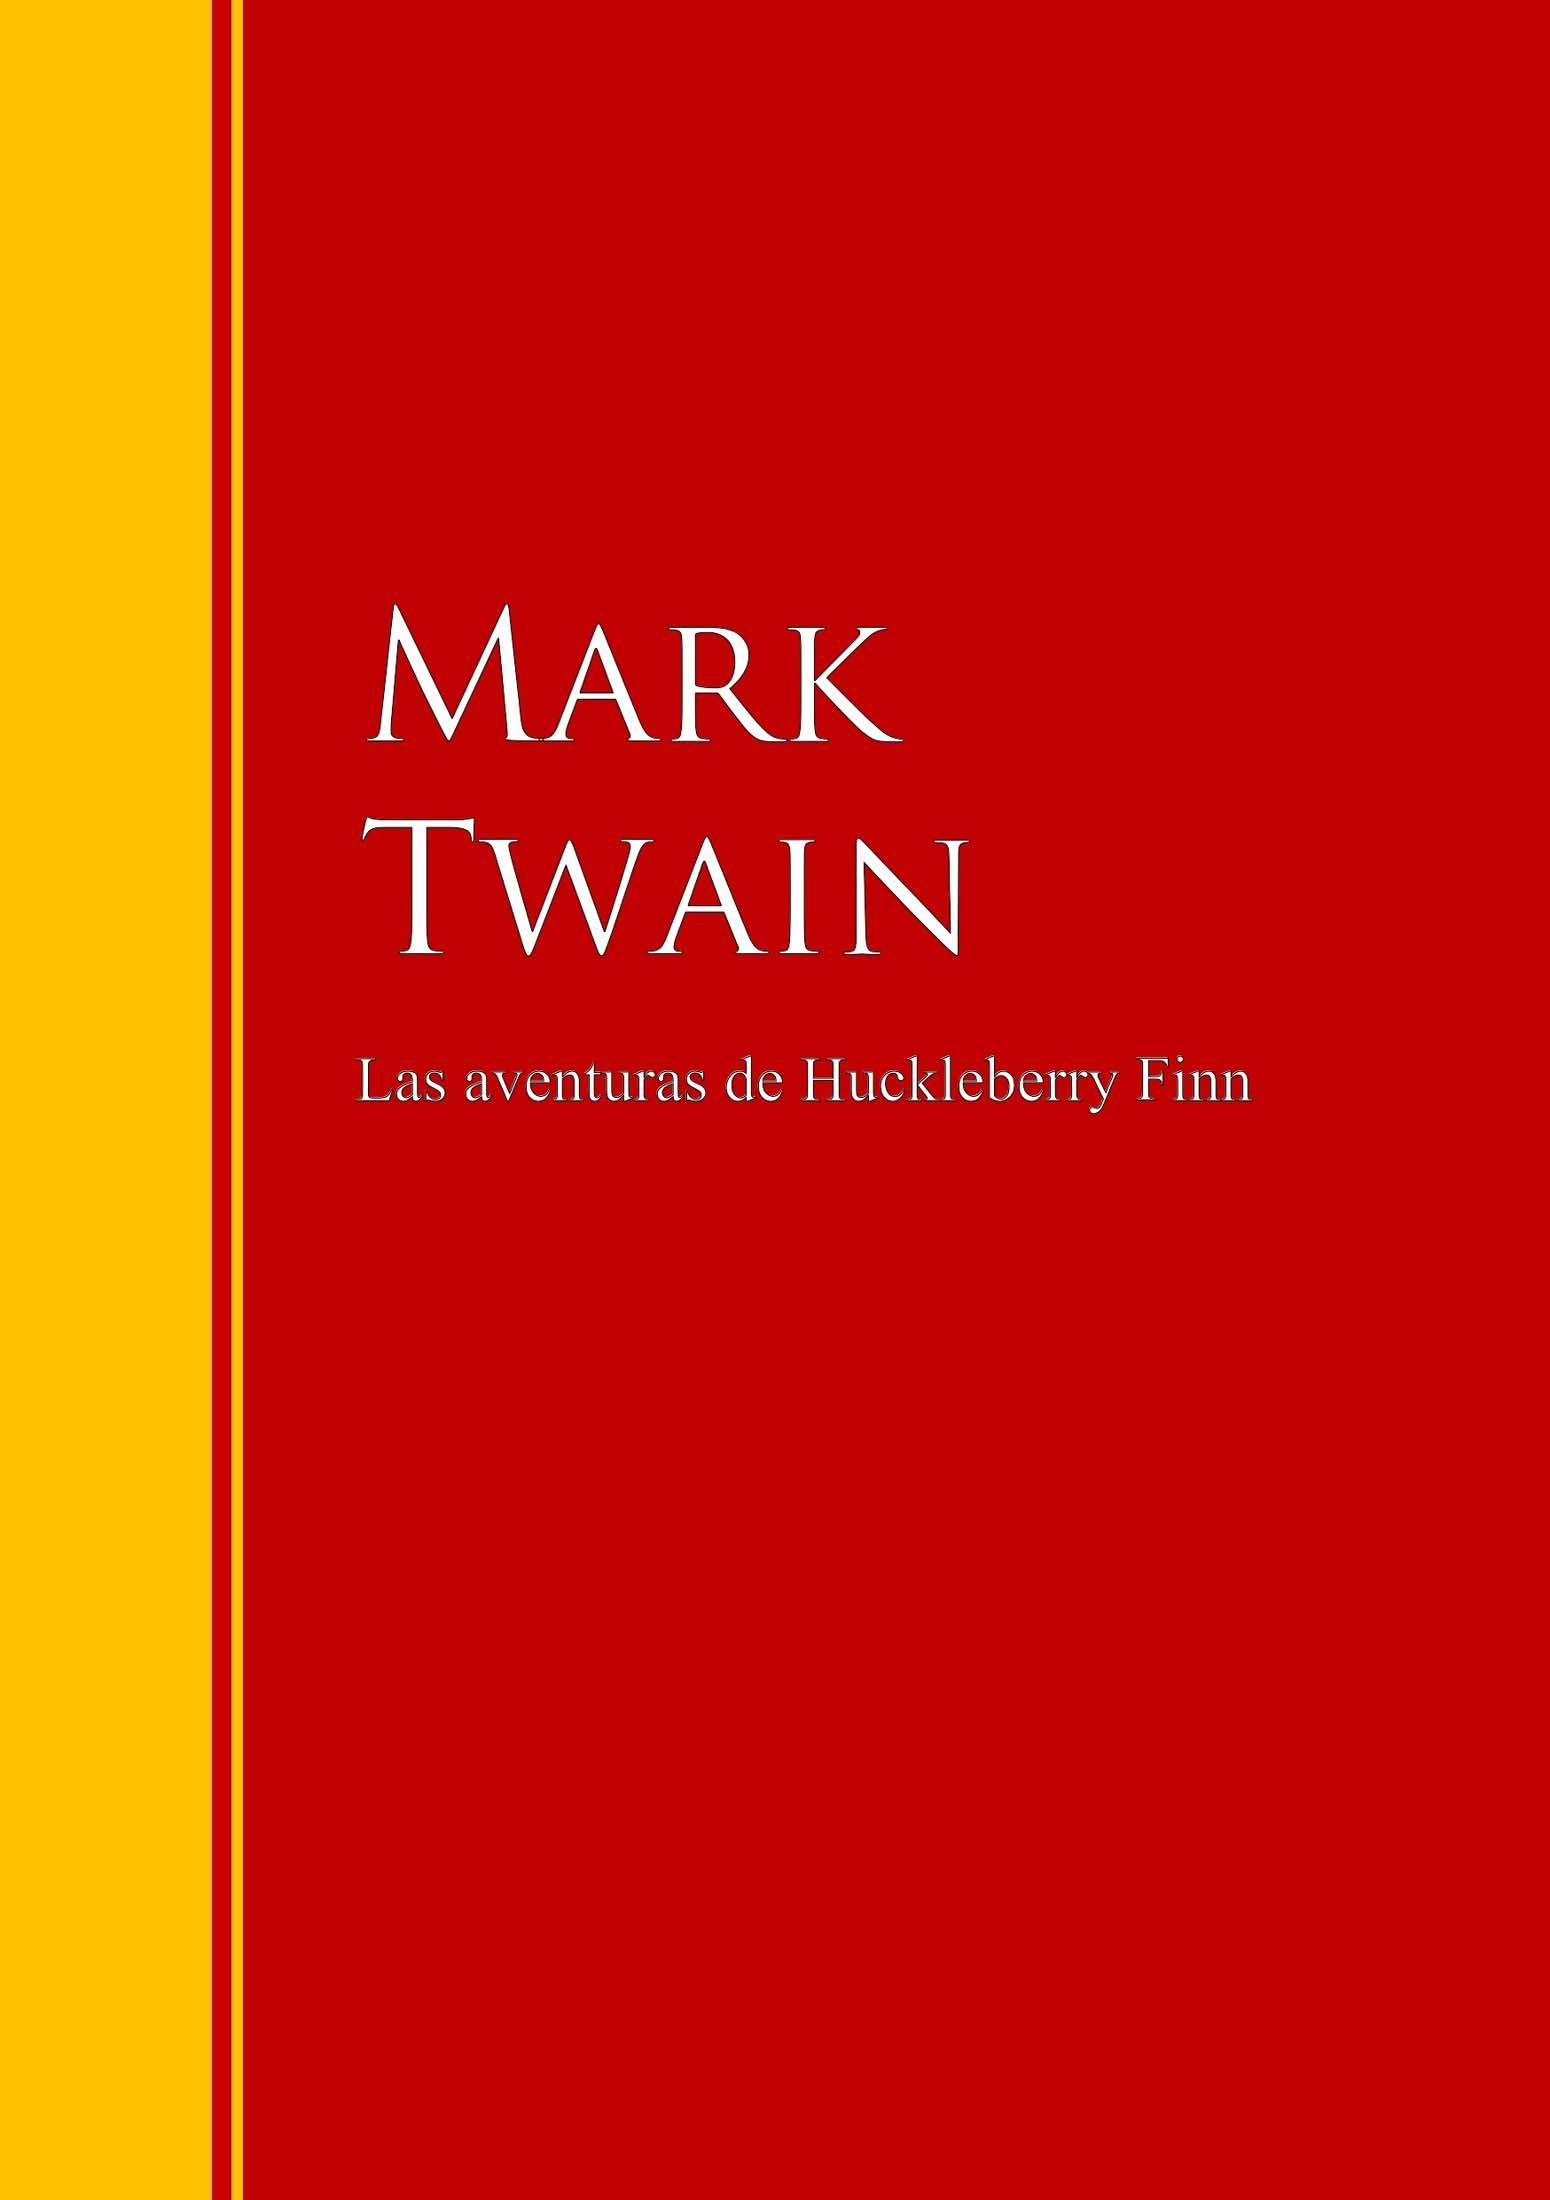 цена на Марк Твен Las aventuras de Huckleberry Finn